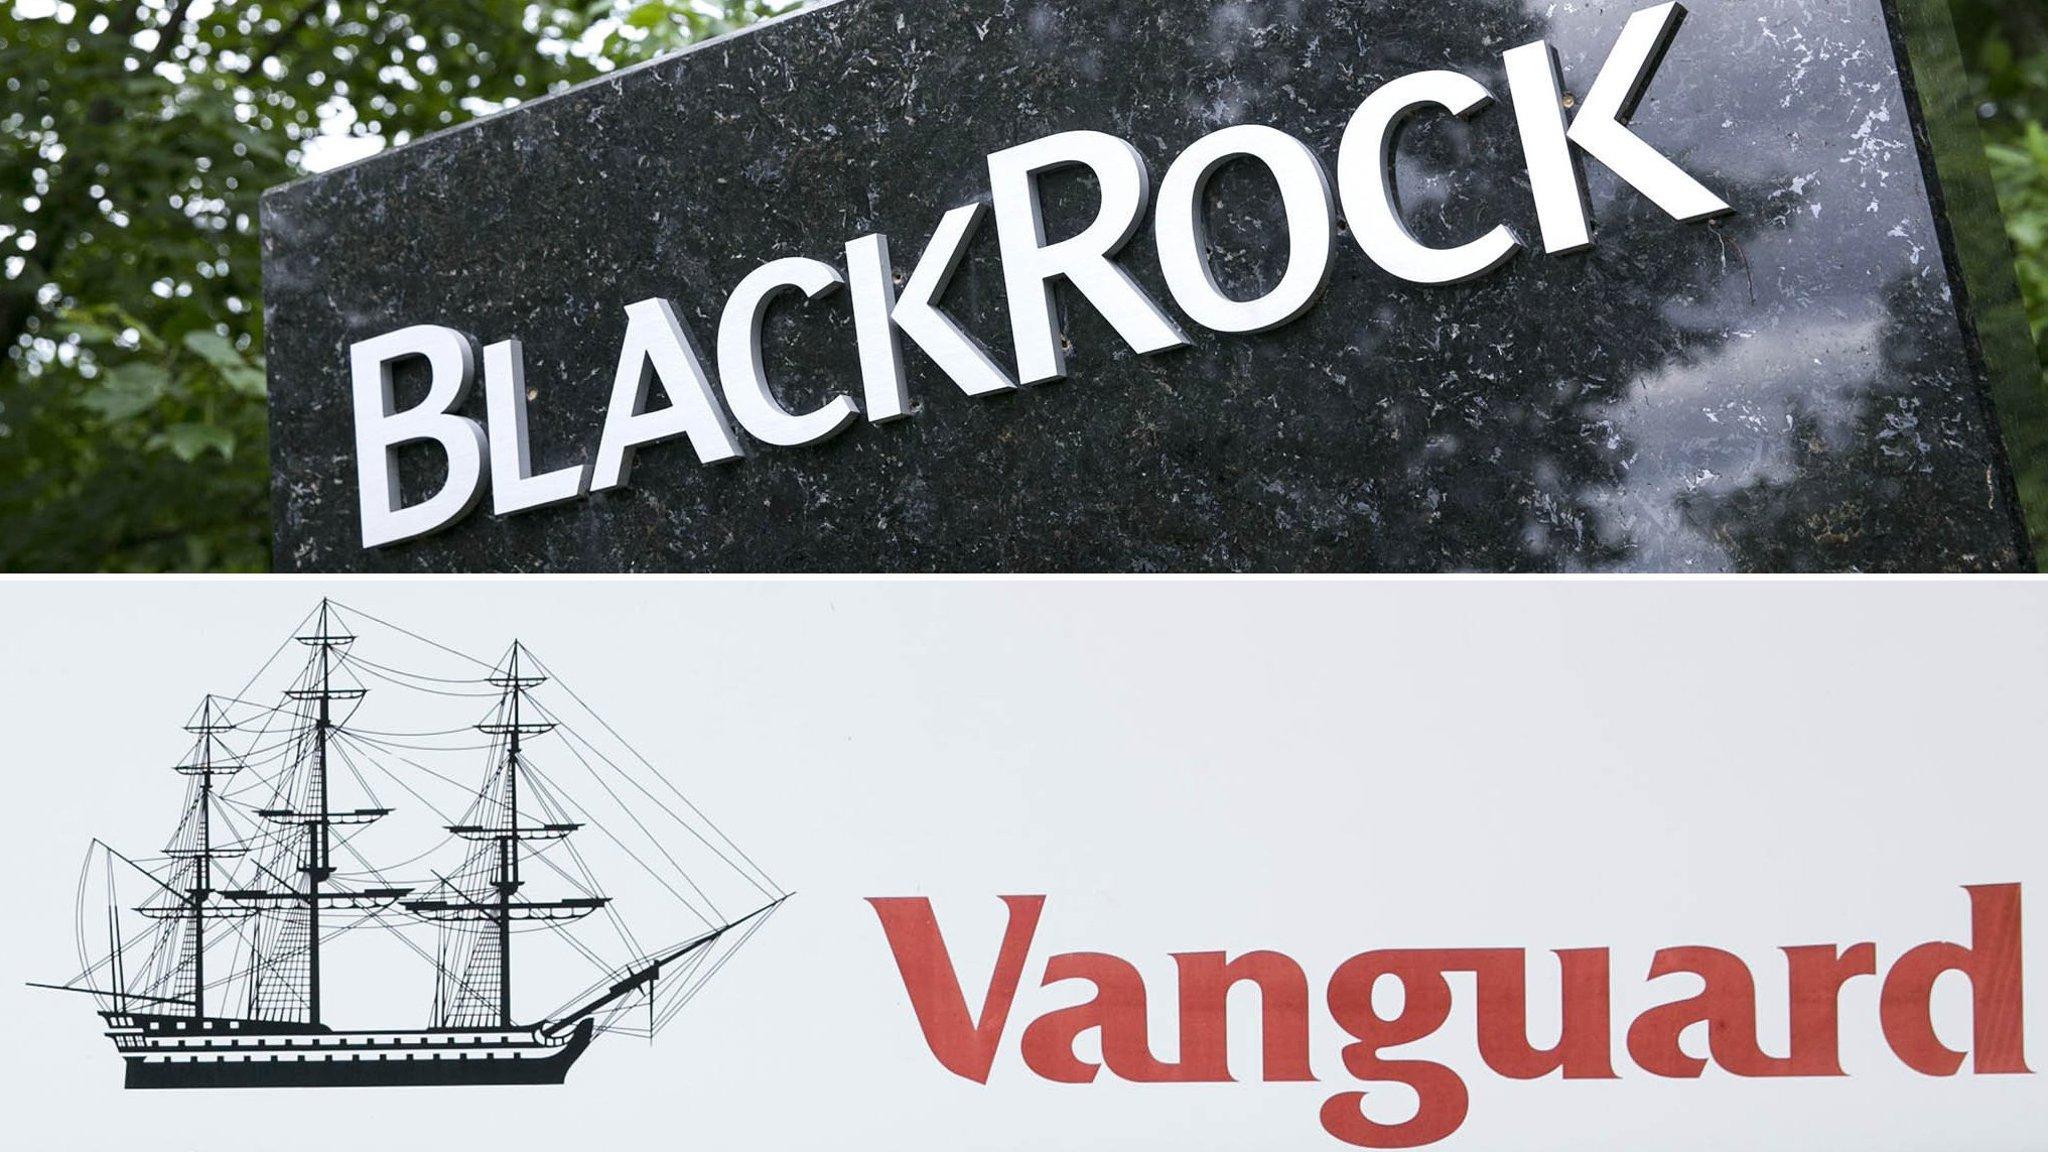 Vanguard nips at BlackRock's heels for fund crown   Financial Times